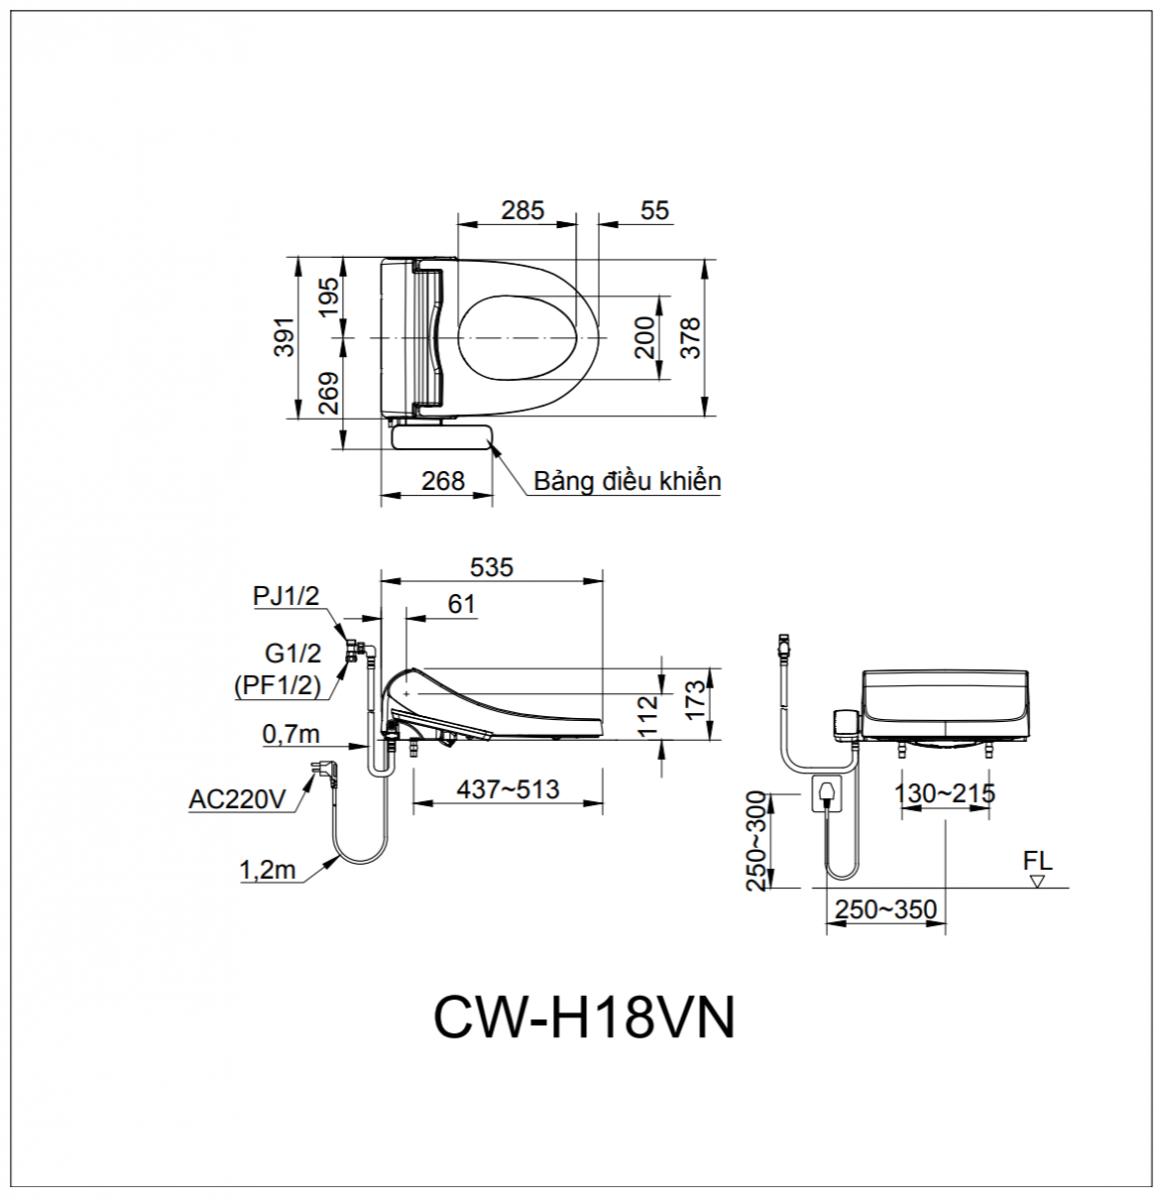 thông số kĩ thuật nắp rửa bồn cầu INAX CW-H18VN